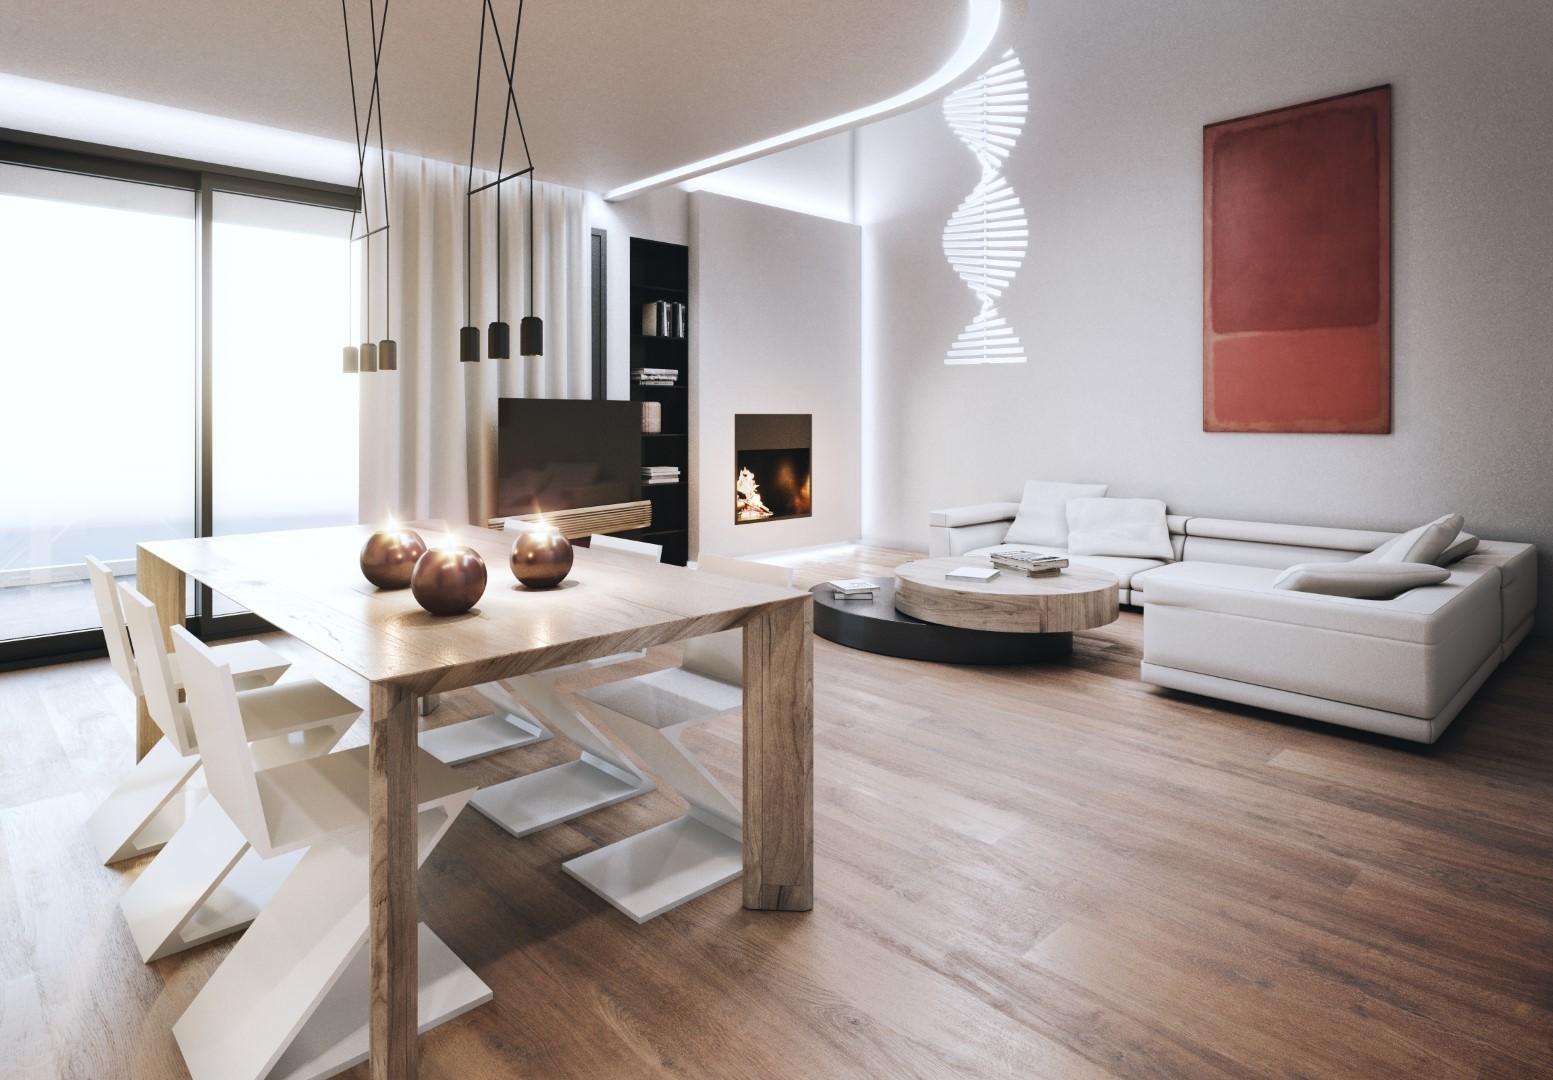 Nafpliou 6os F Livingroom 02 (large)